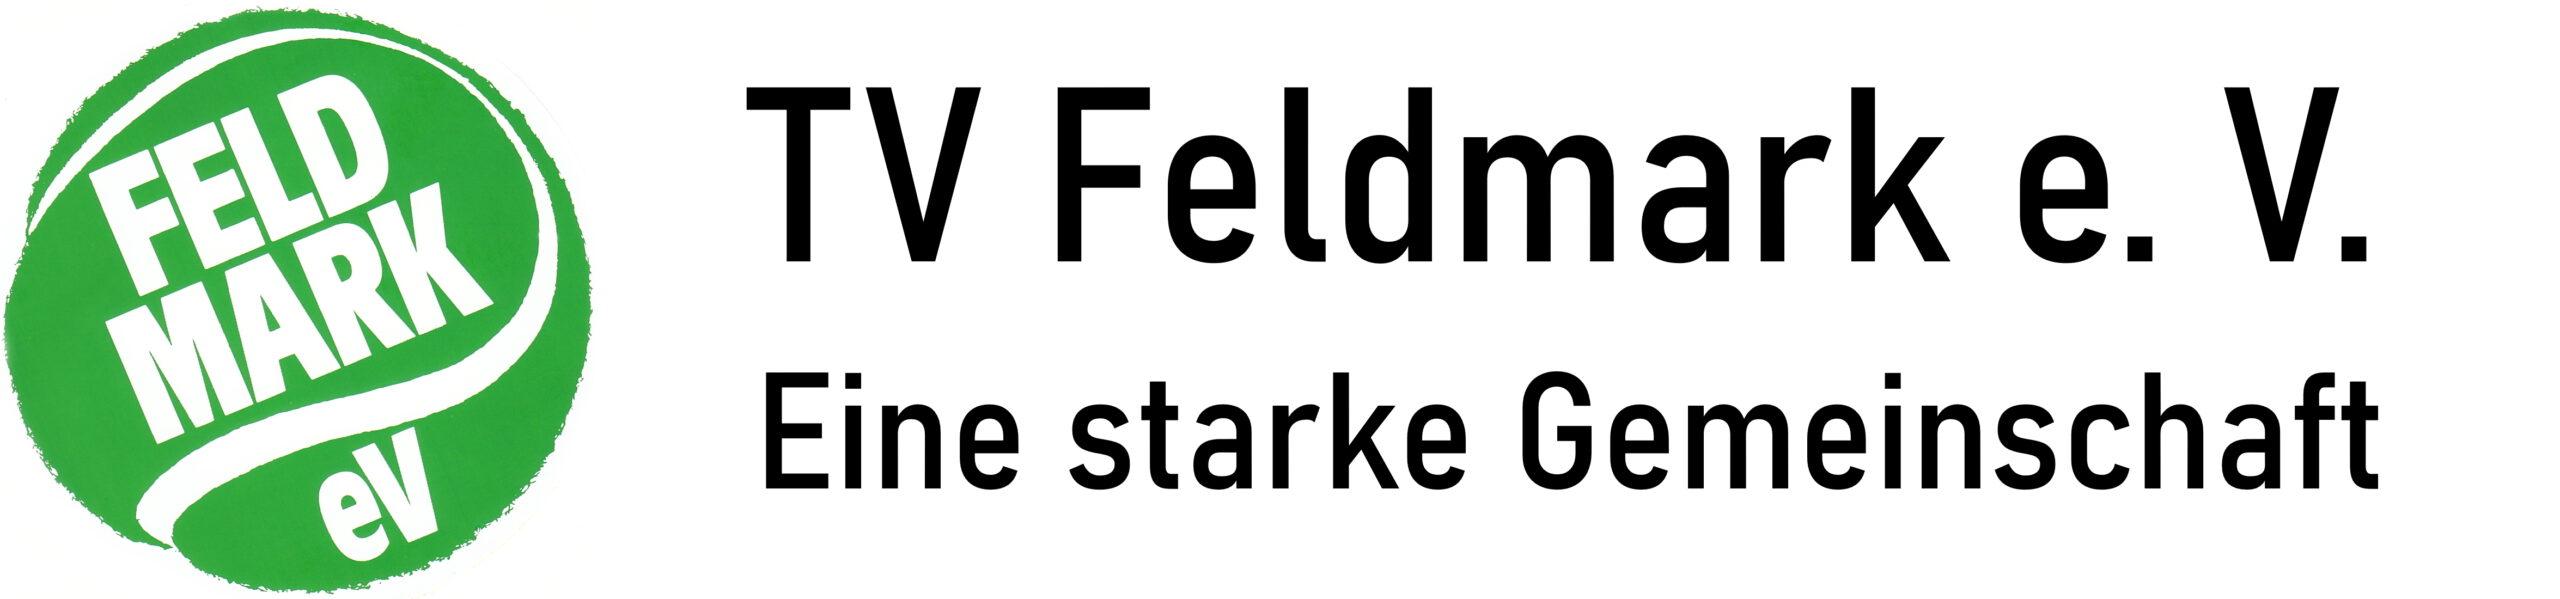 TV Feldmark